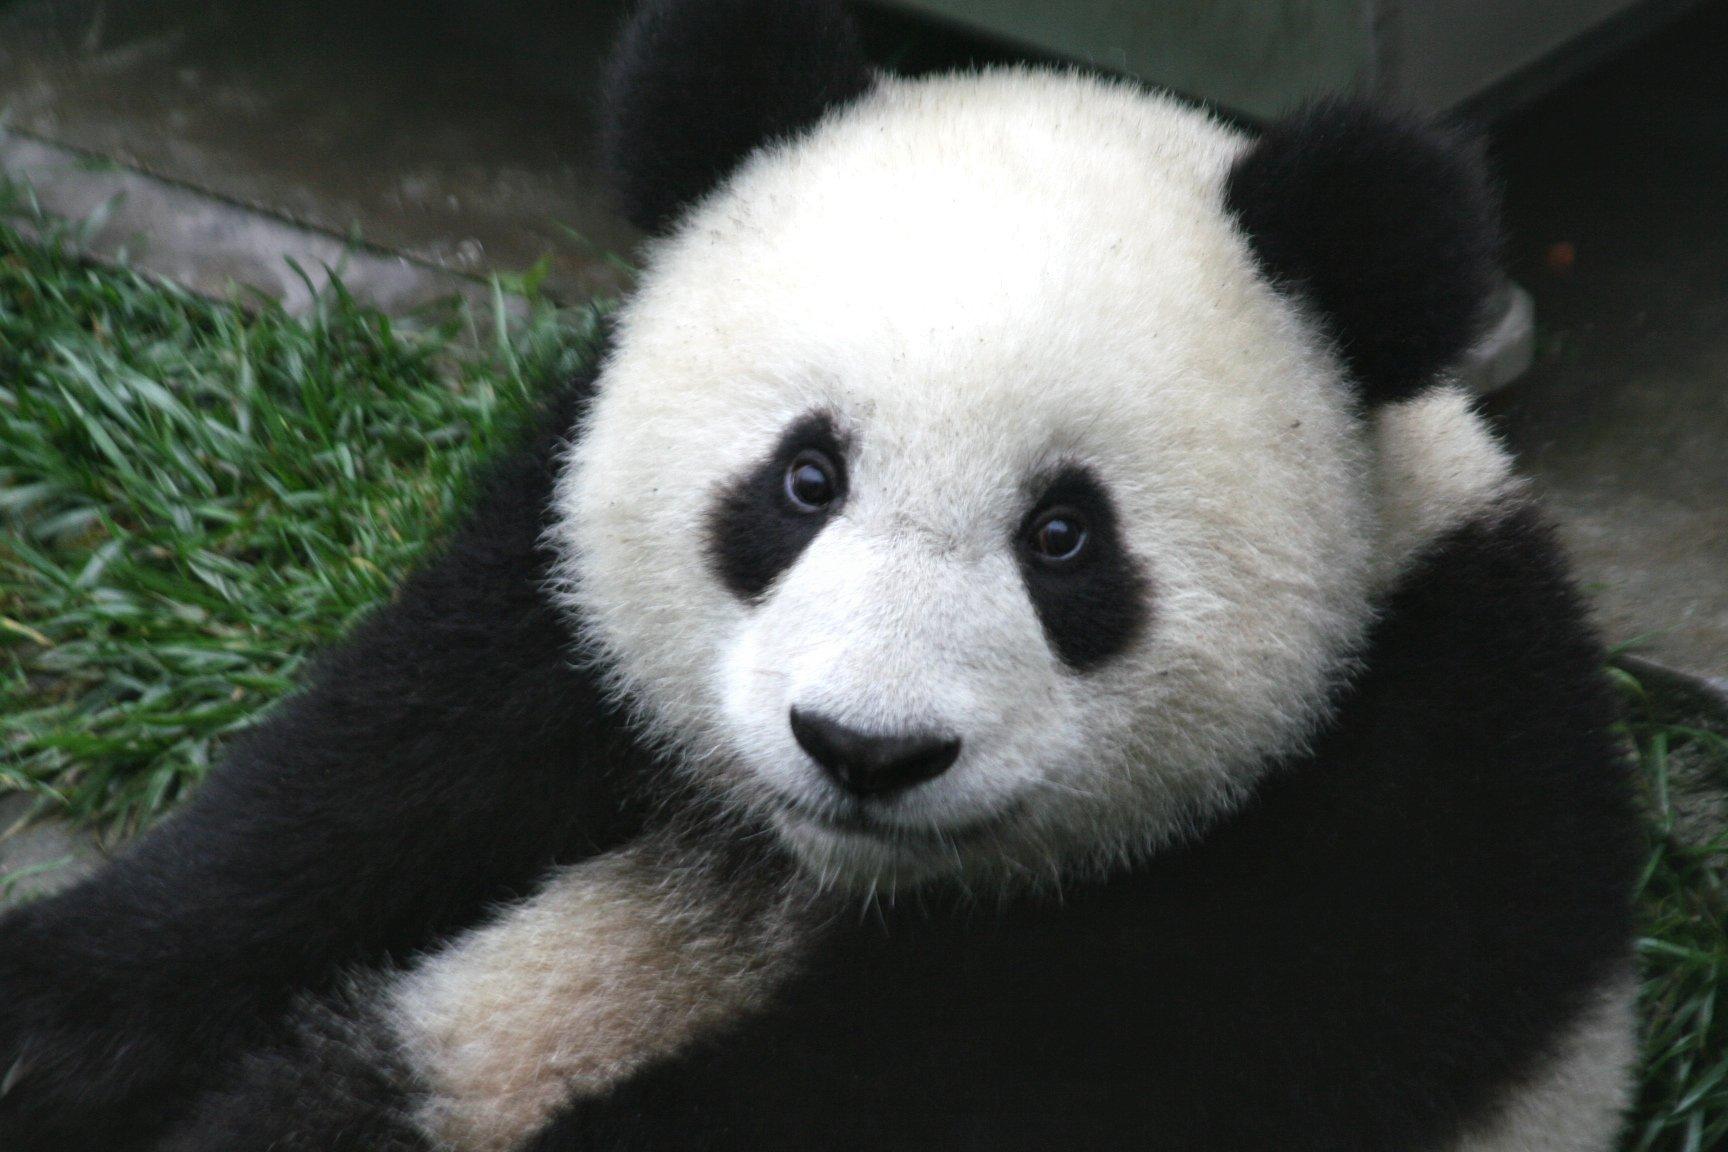 Зоолог из Китая Янши Потти хочет побить рекорд по созданию самого дорогого чая в мире